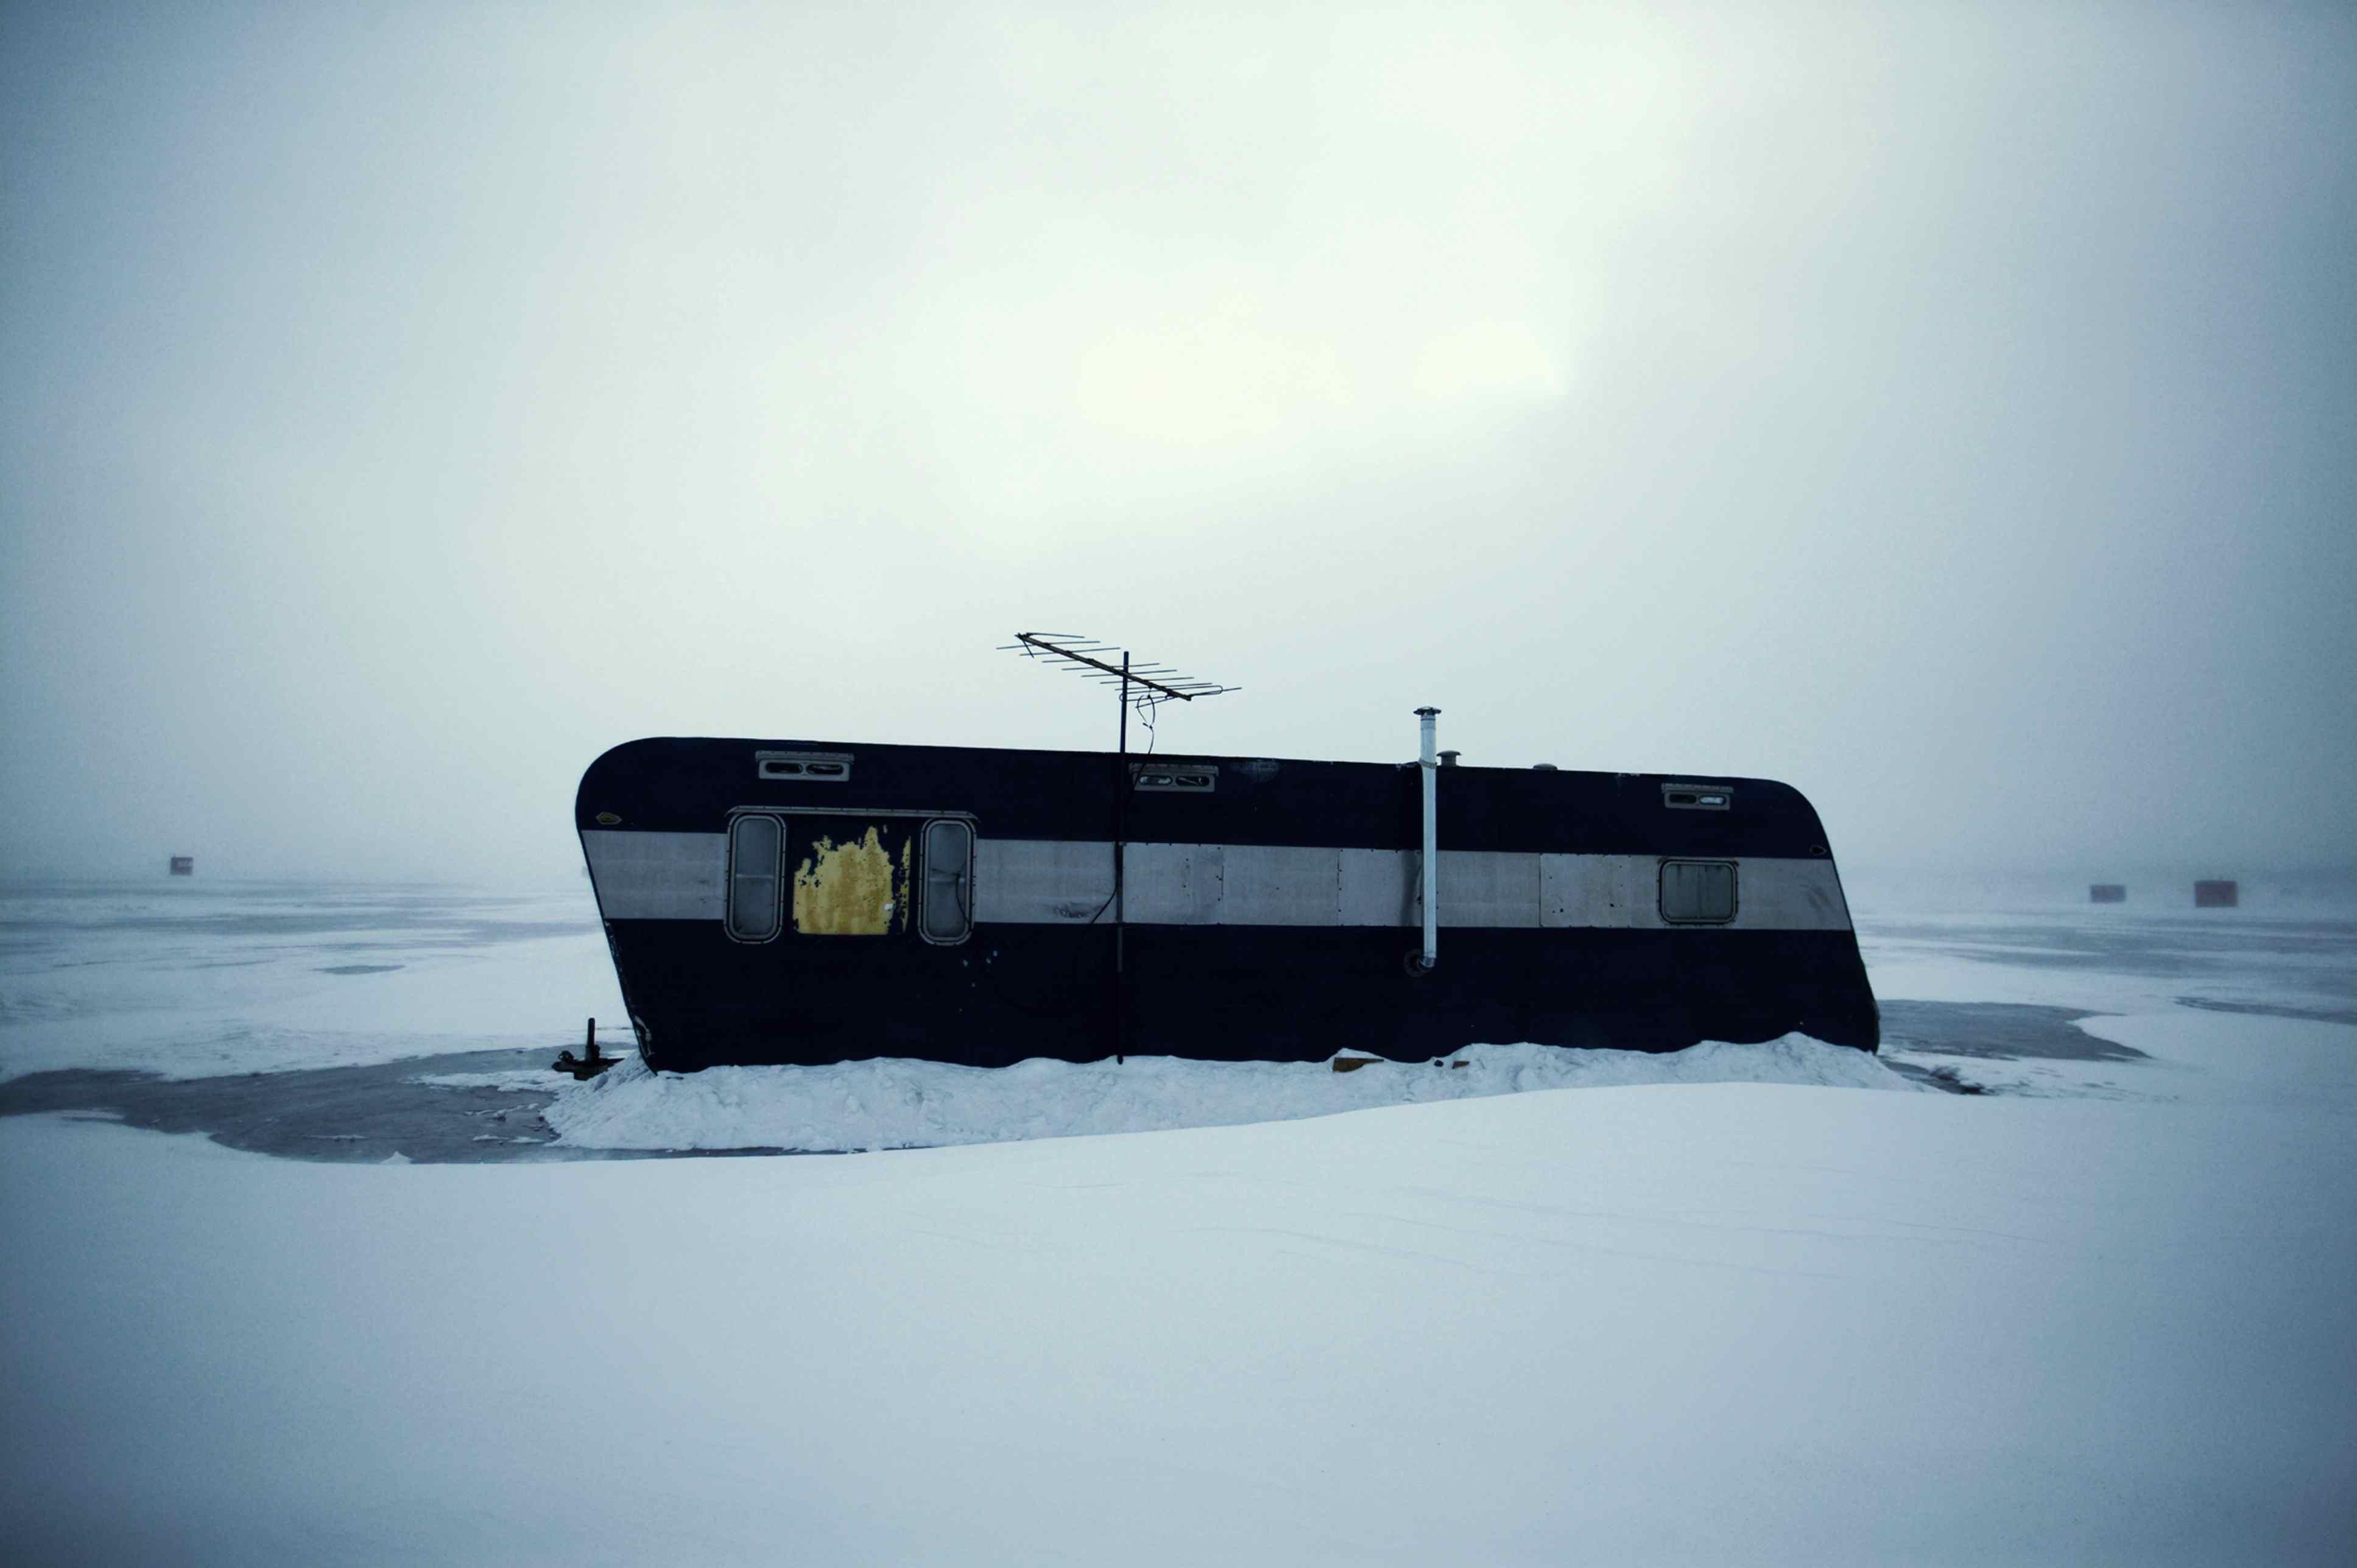 Ice fishing RVs